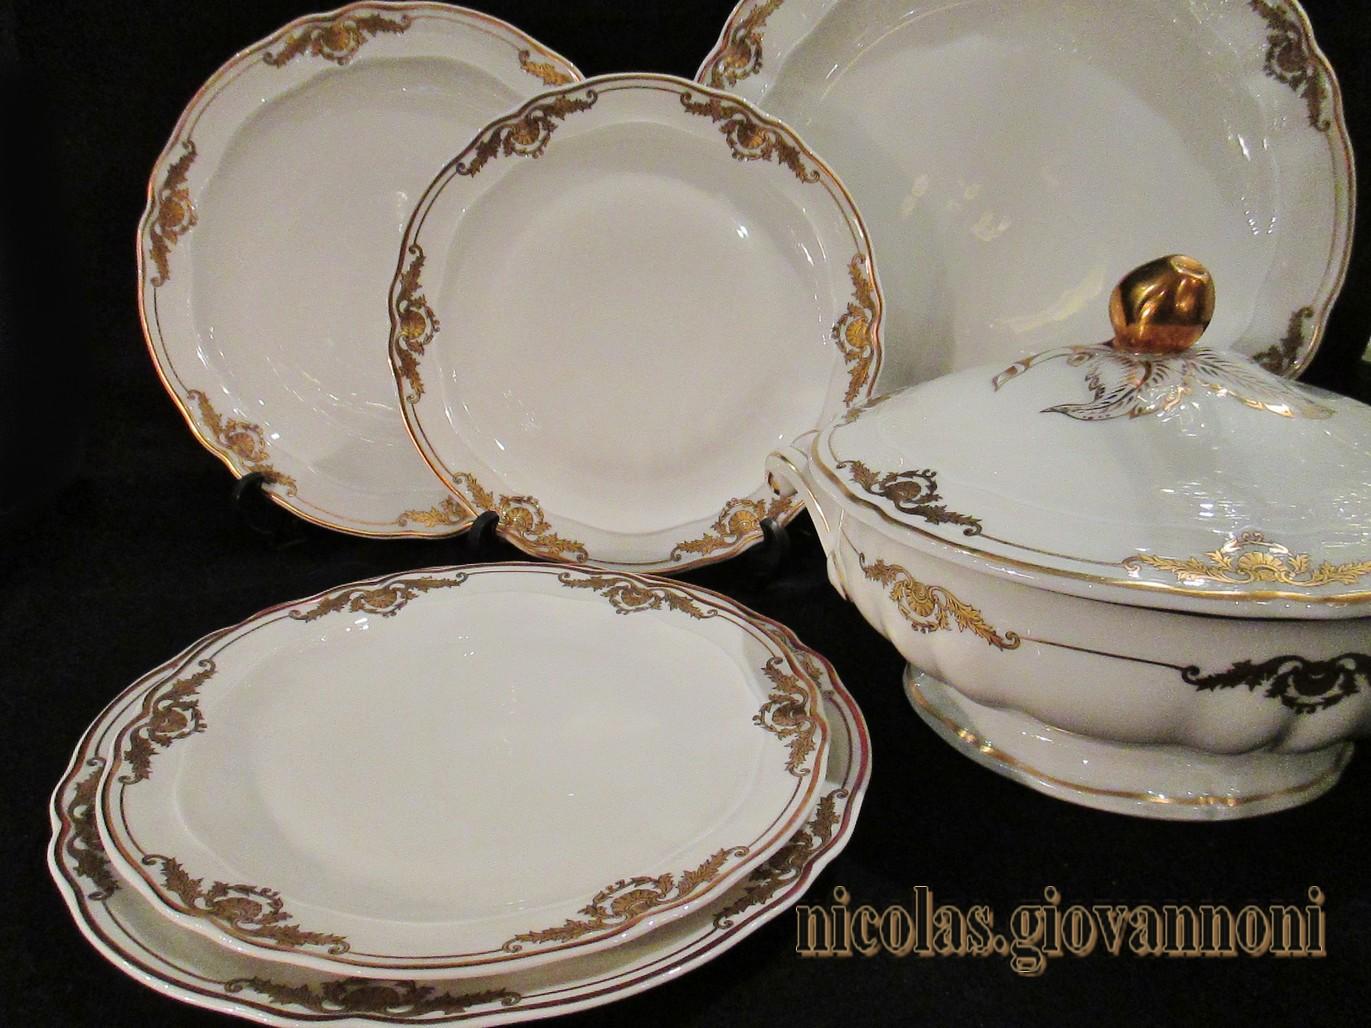 Service de table porcelaine de limoges bernardaud - Prix d un service de table en porcelaine de limoges ...